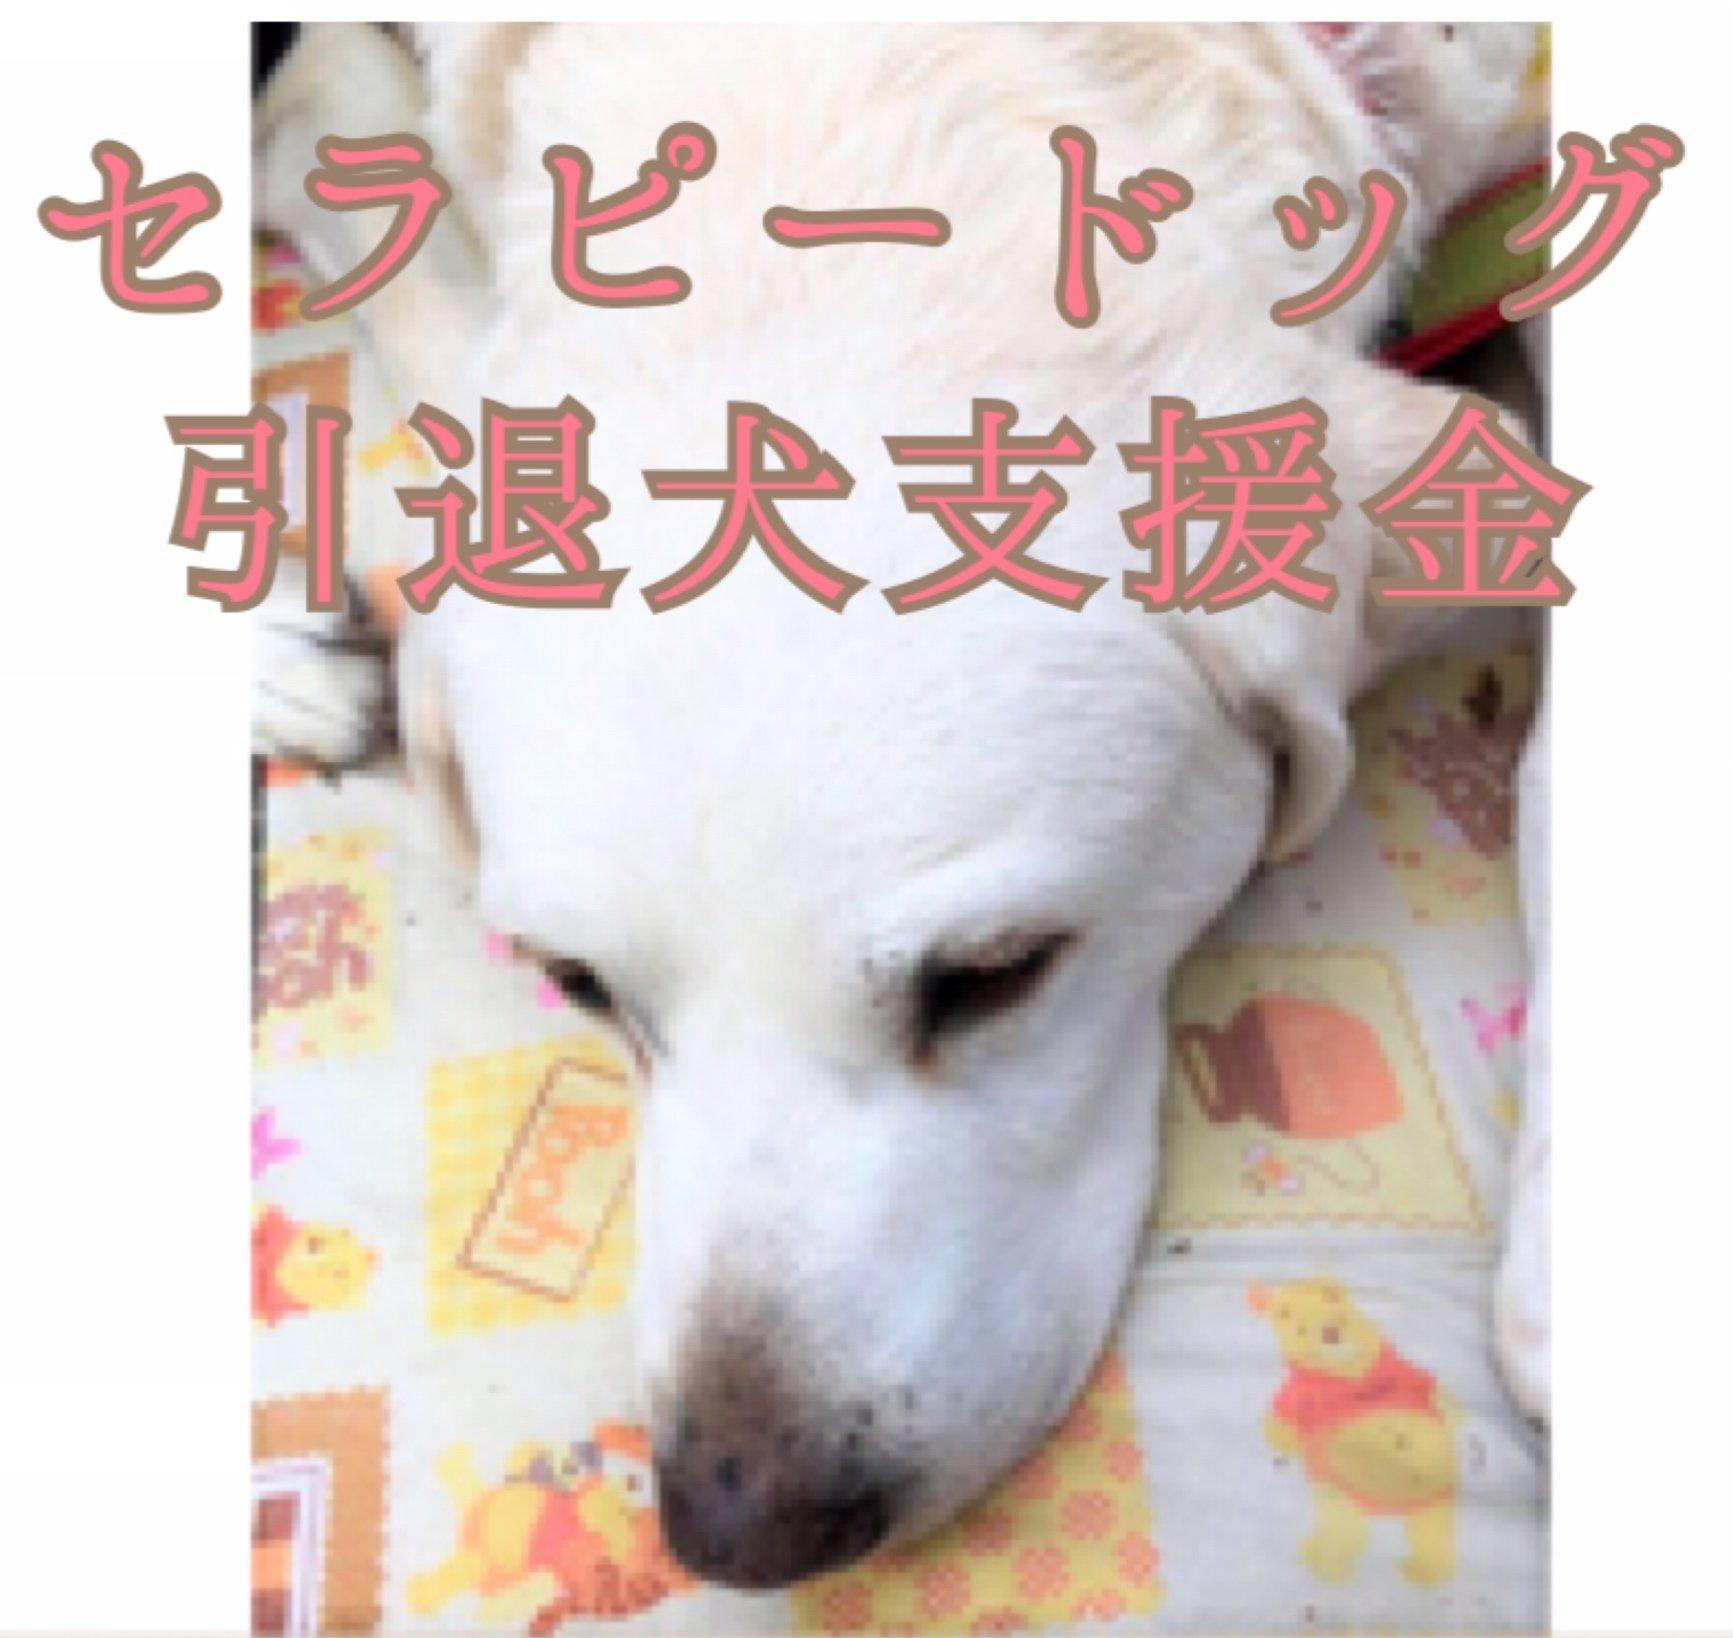 セラピードッグ、引退犬を支援のイメージその6